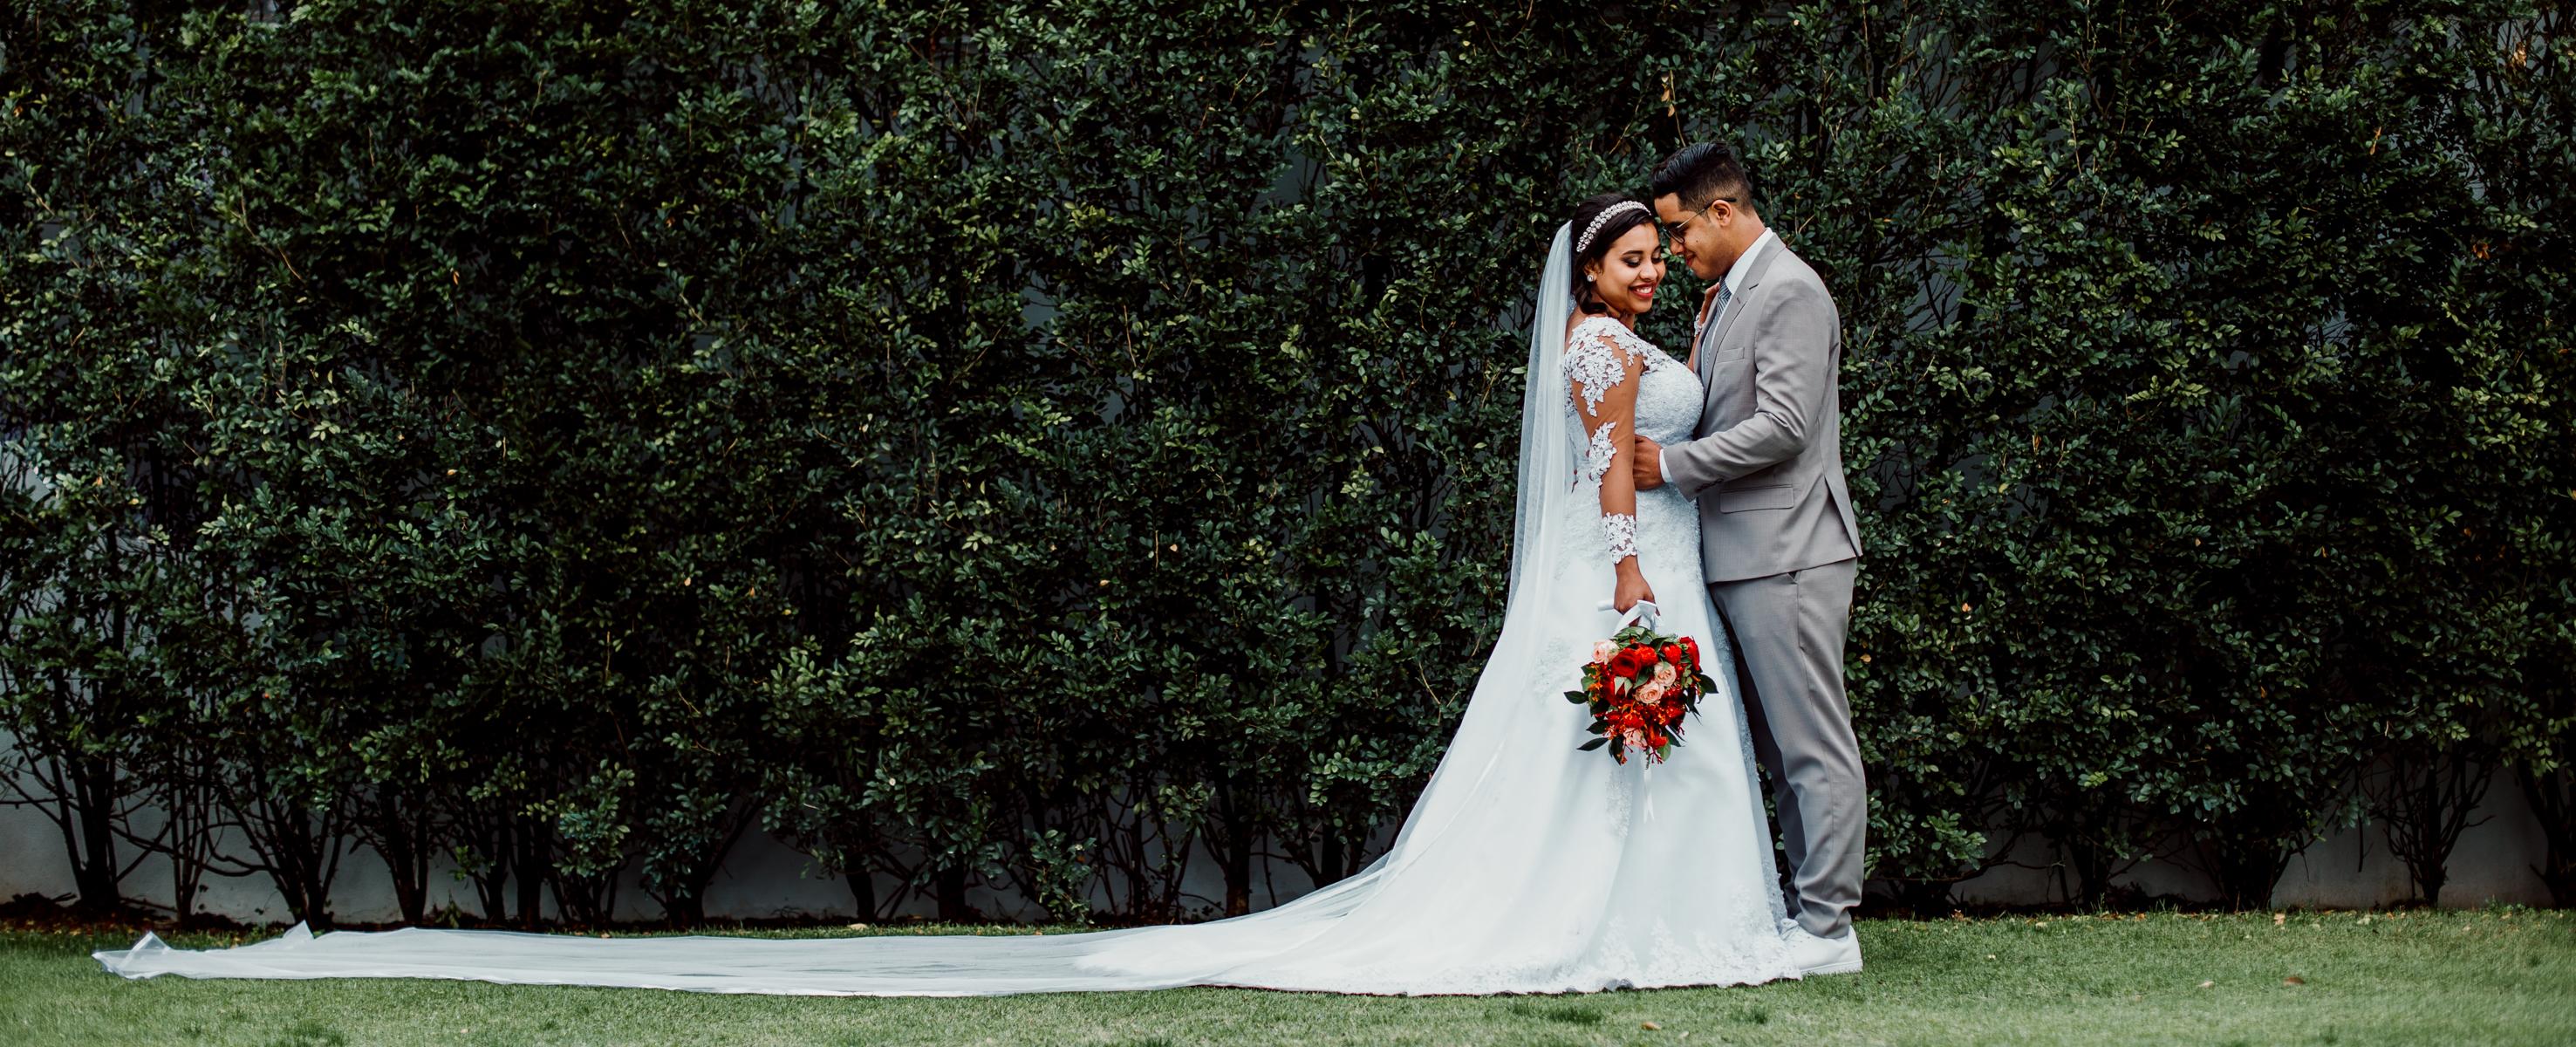 Contate Breno Martins Fotografia - Fotógrafo de Casamento